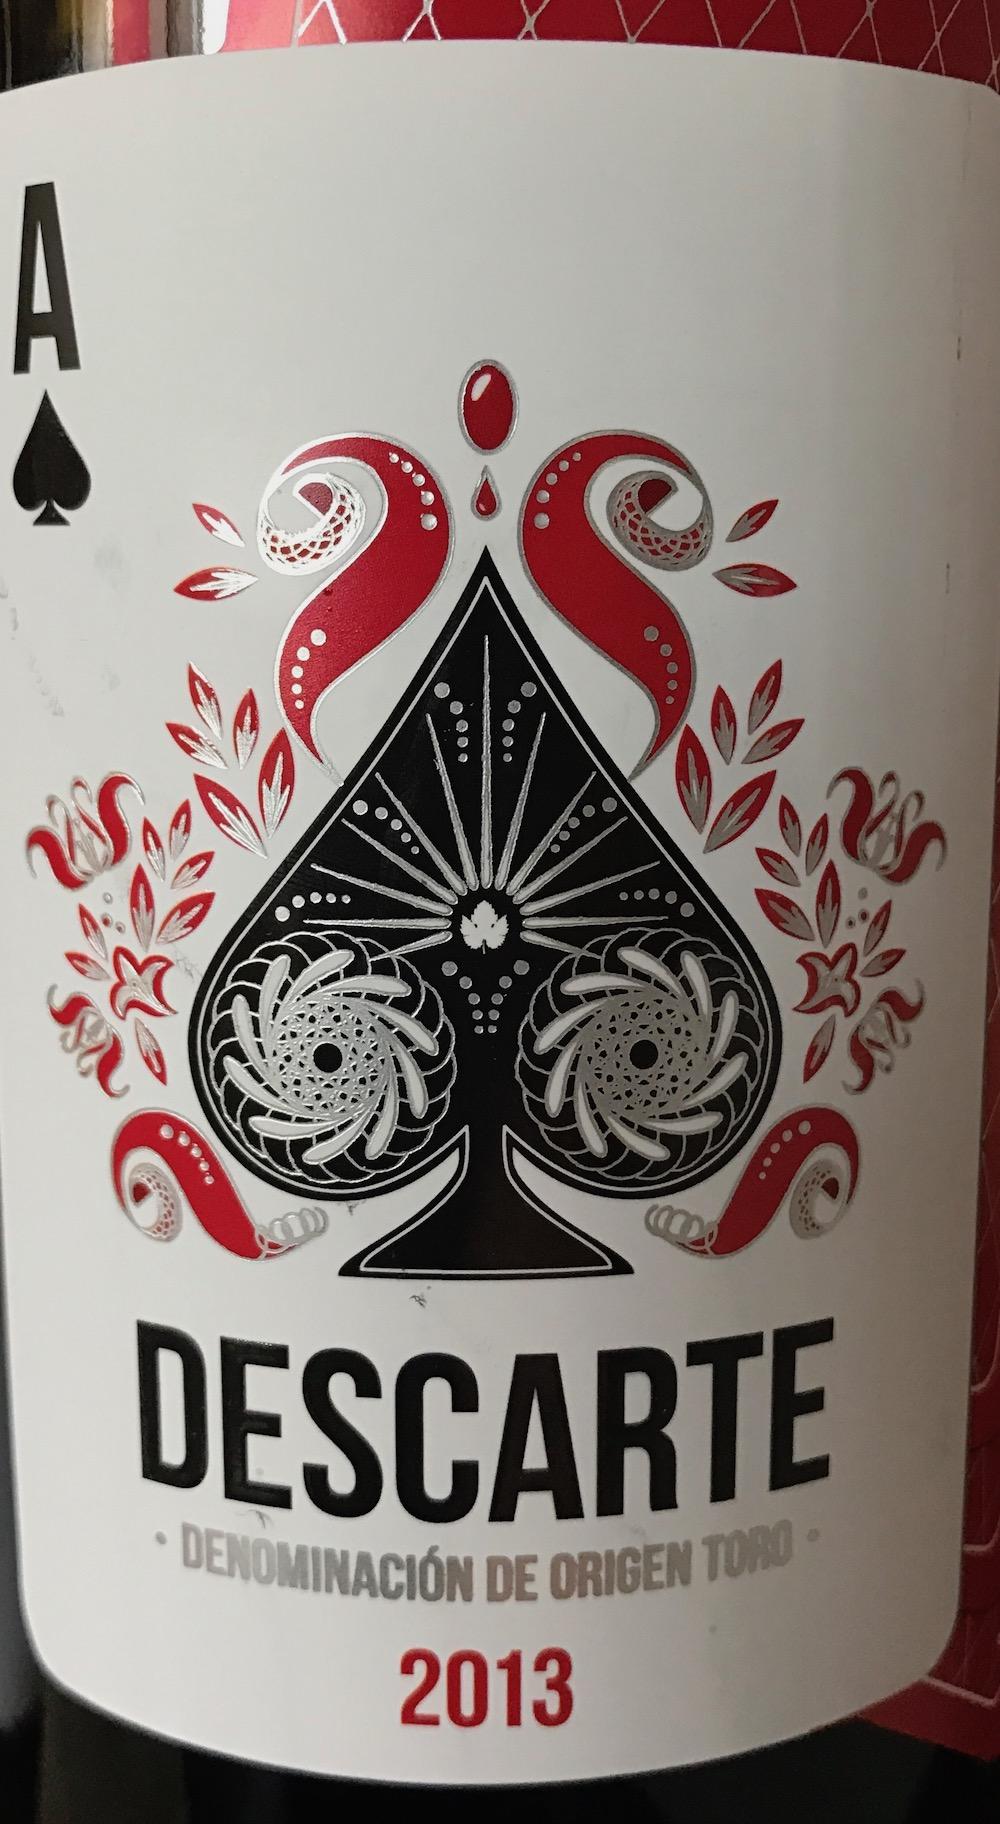 2013 Descarte